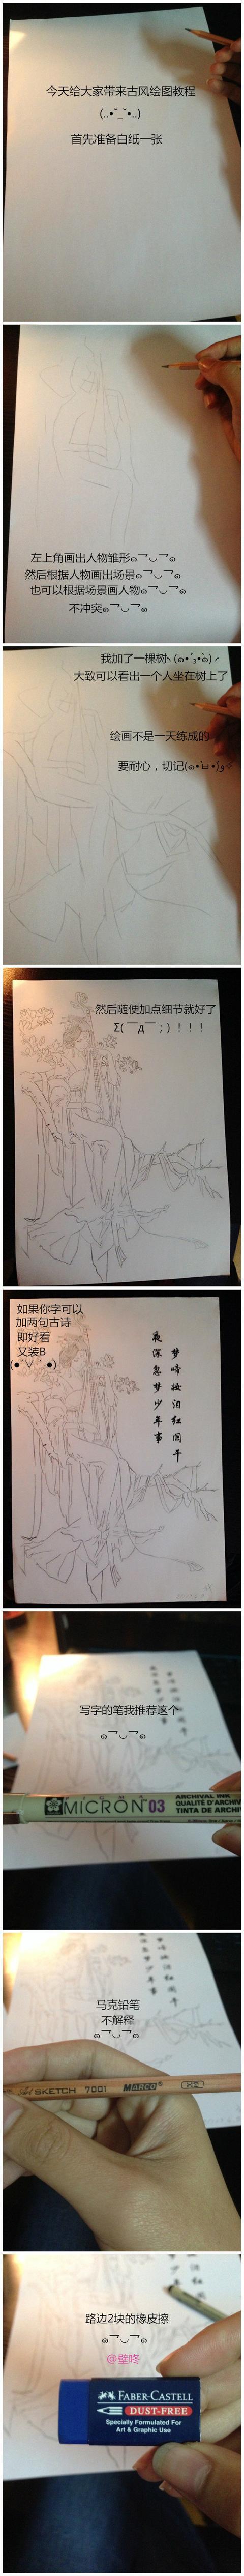 圆珠笔手绘《你的名字》,另附古风画详细教学